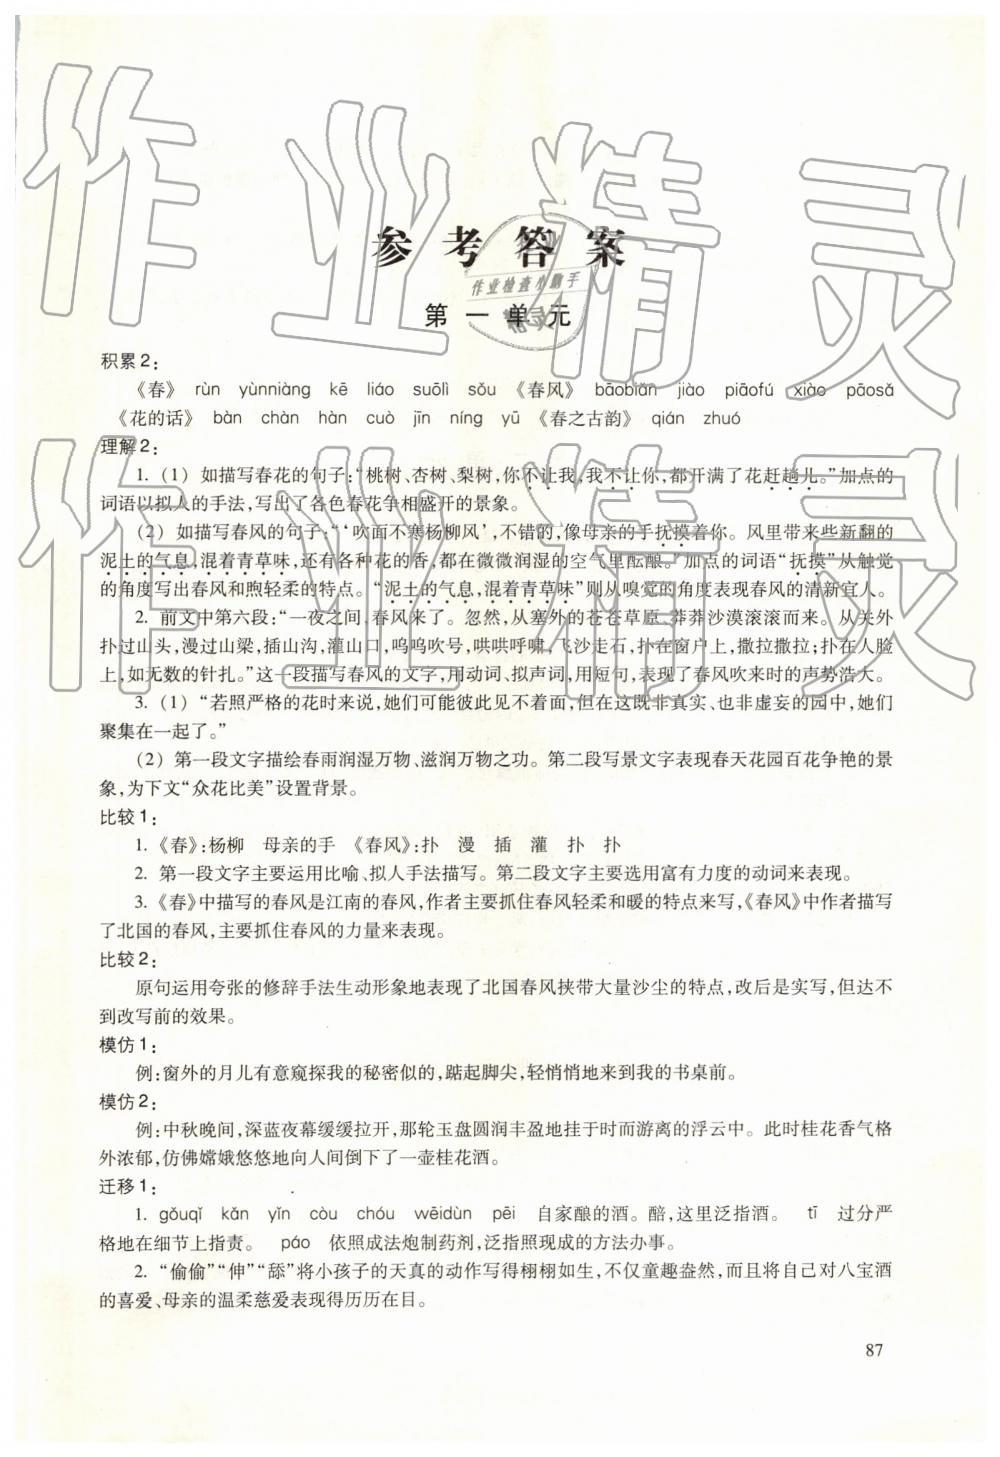 2019年语文练习部分六年级第二学期沪教版第1页